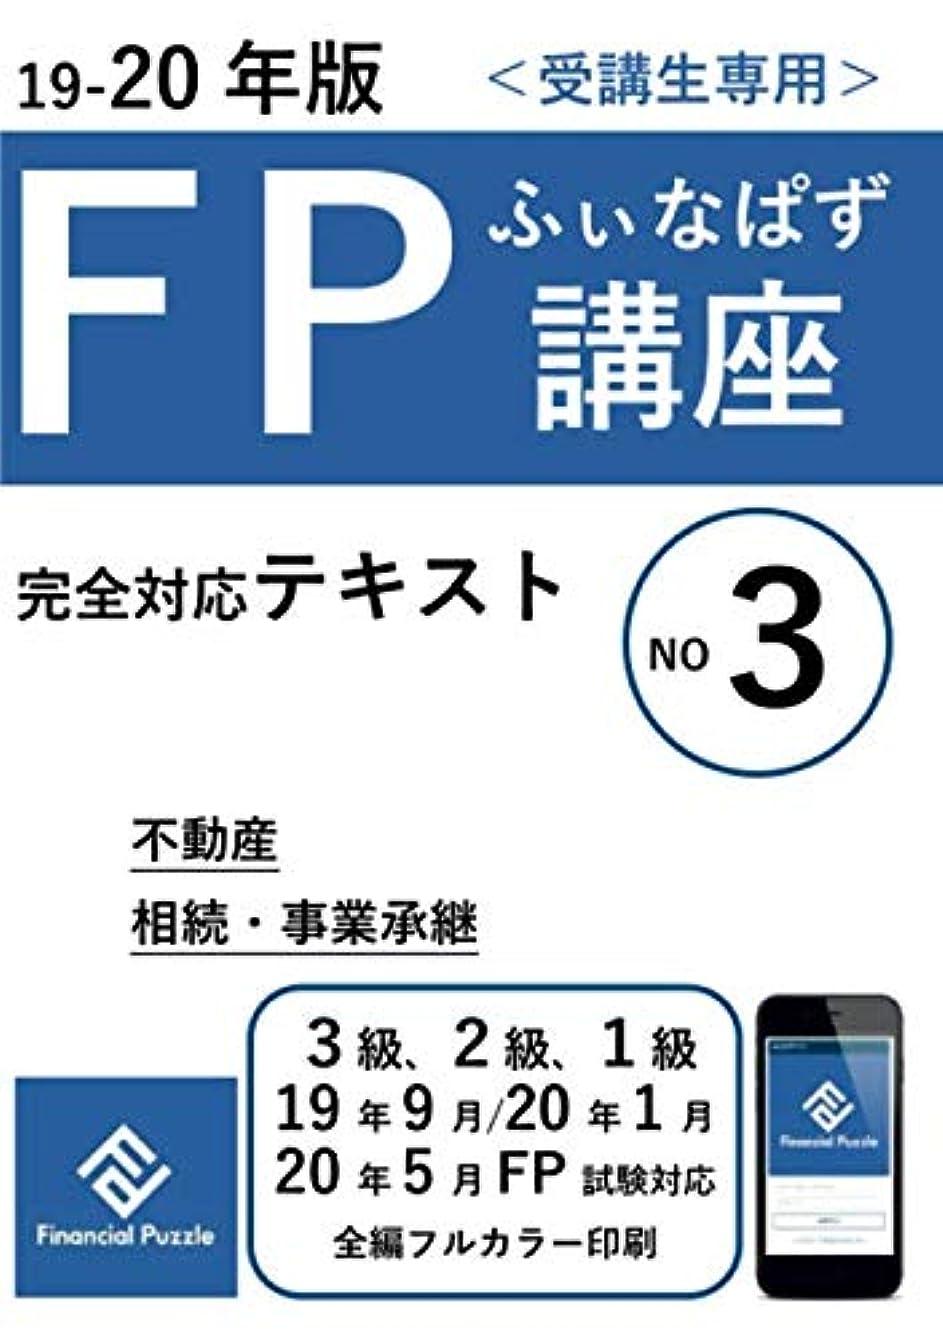 不完全な通信網最愛のふぃなぱずFP講座完全対応テキスト2019-20年版(NO3)